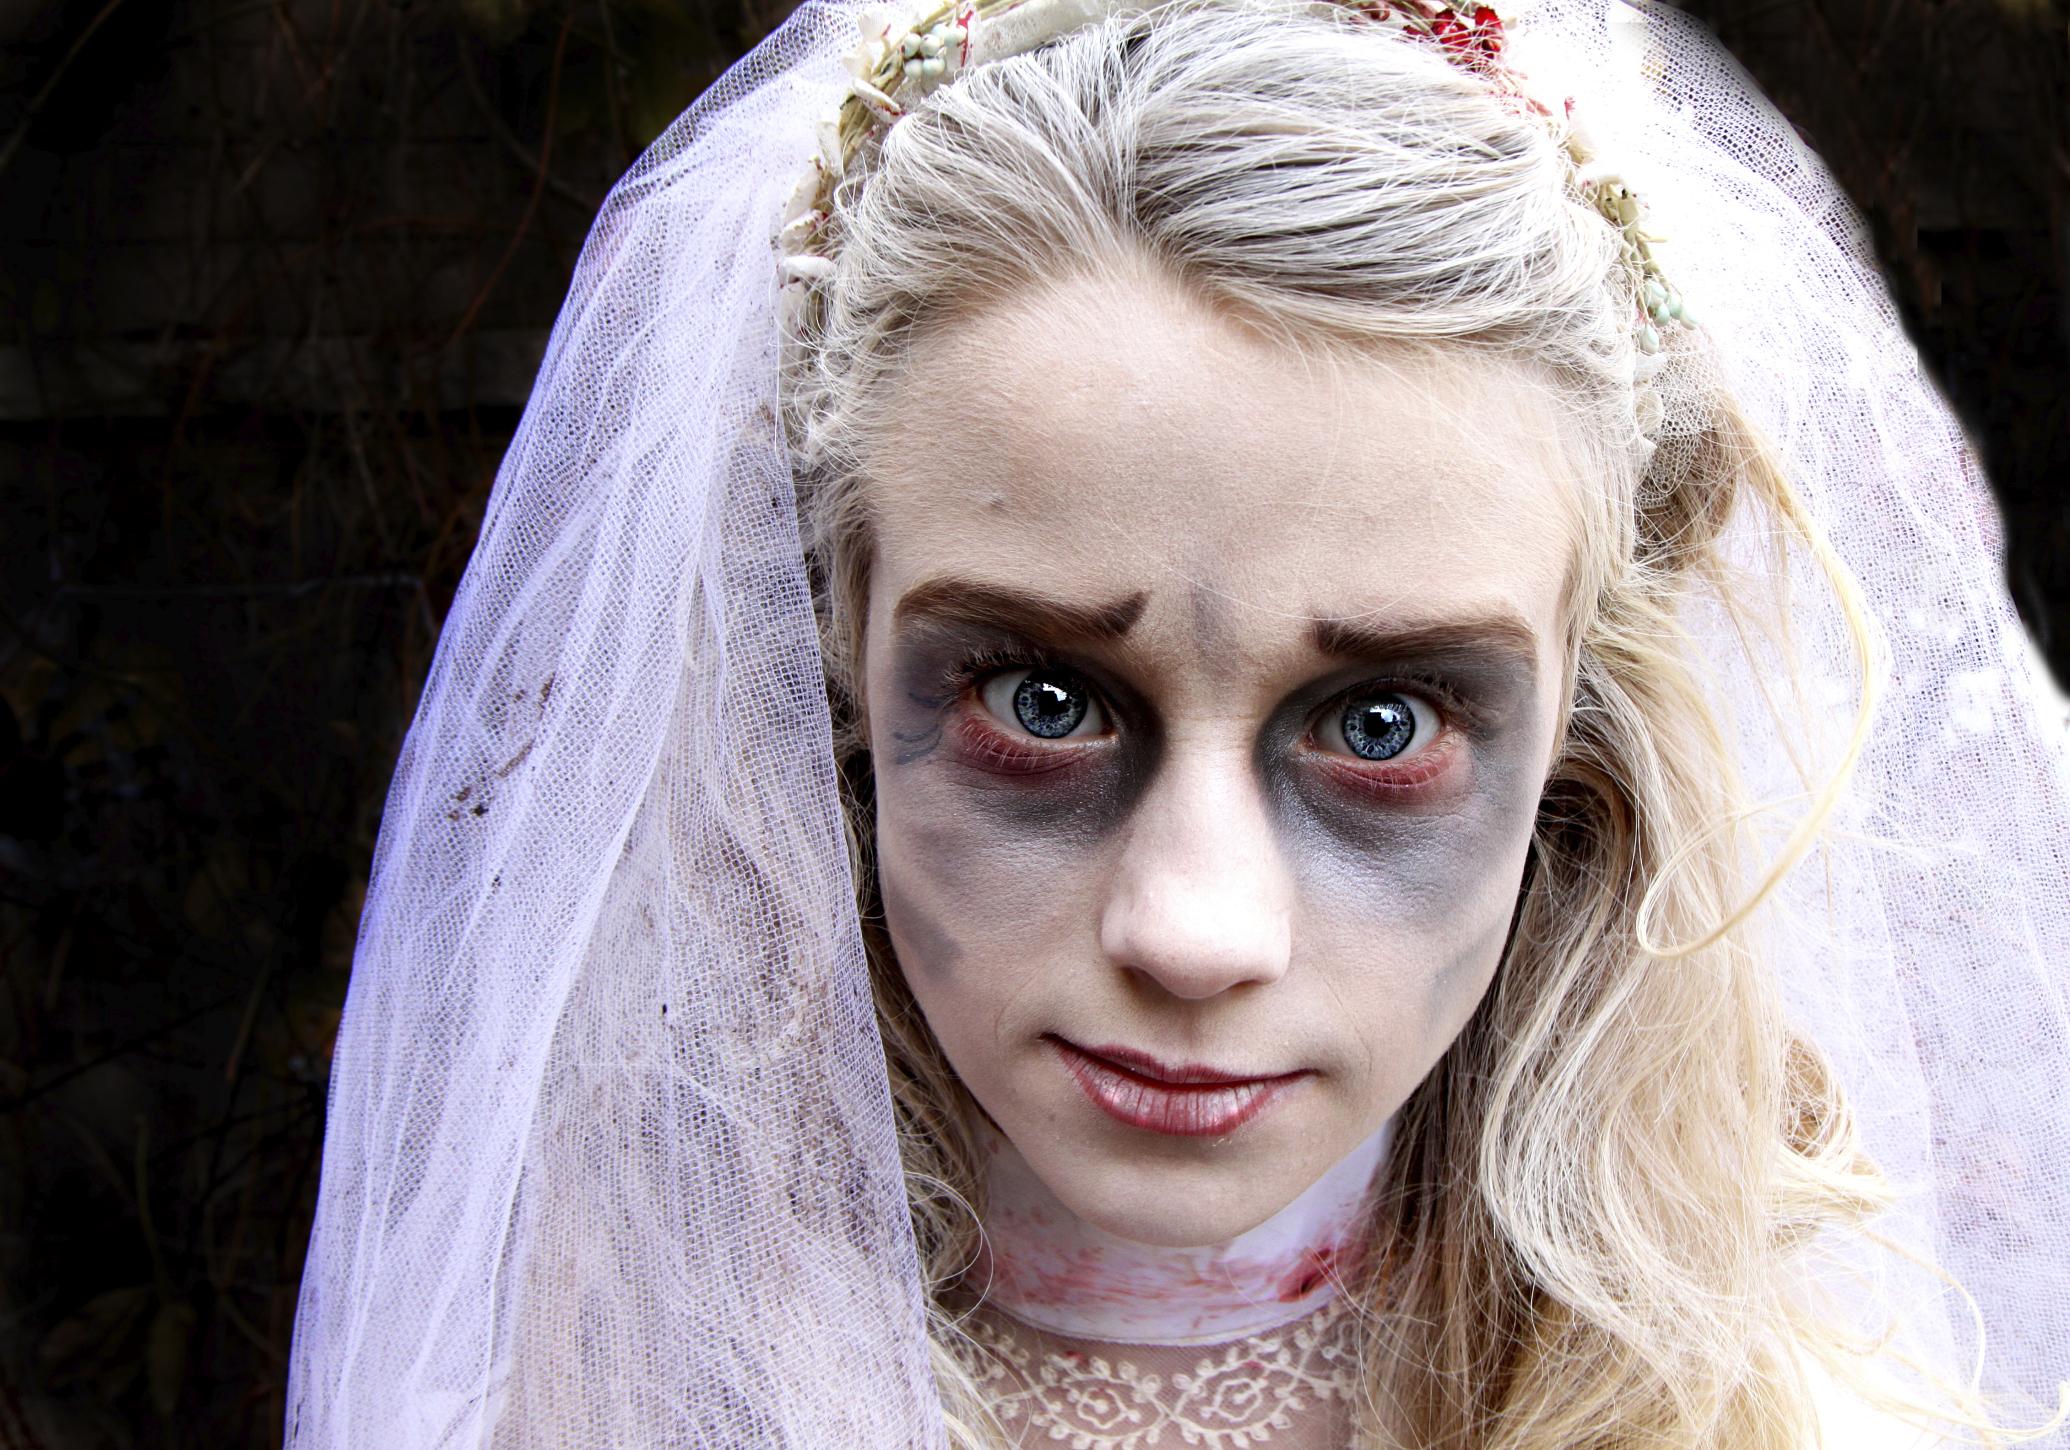 Cmo hacer el maquillaje de novia muerta para un disfraz de Noche de